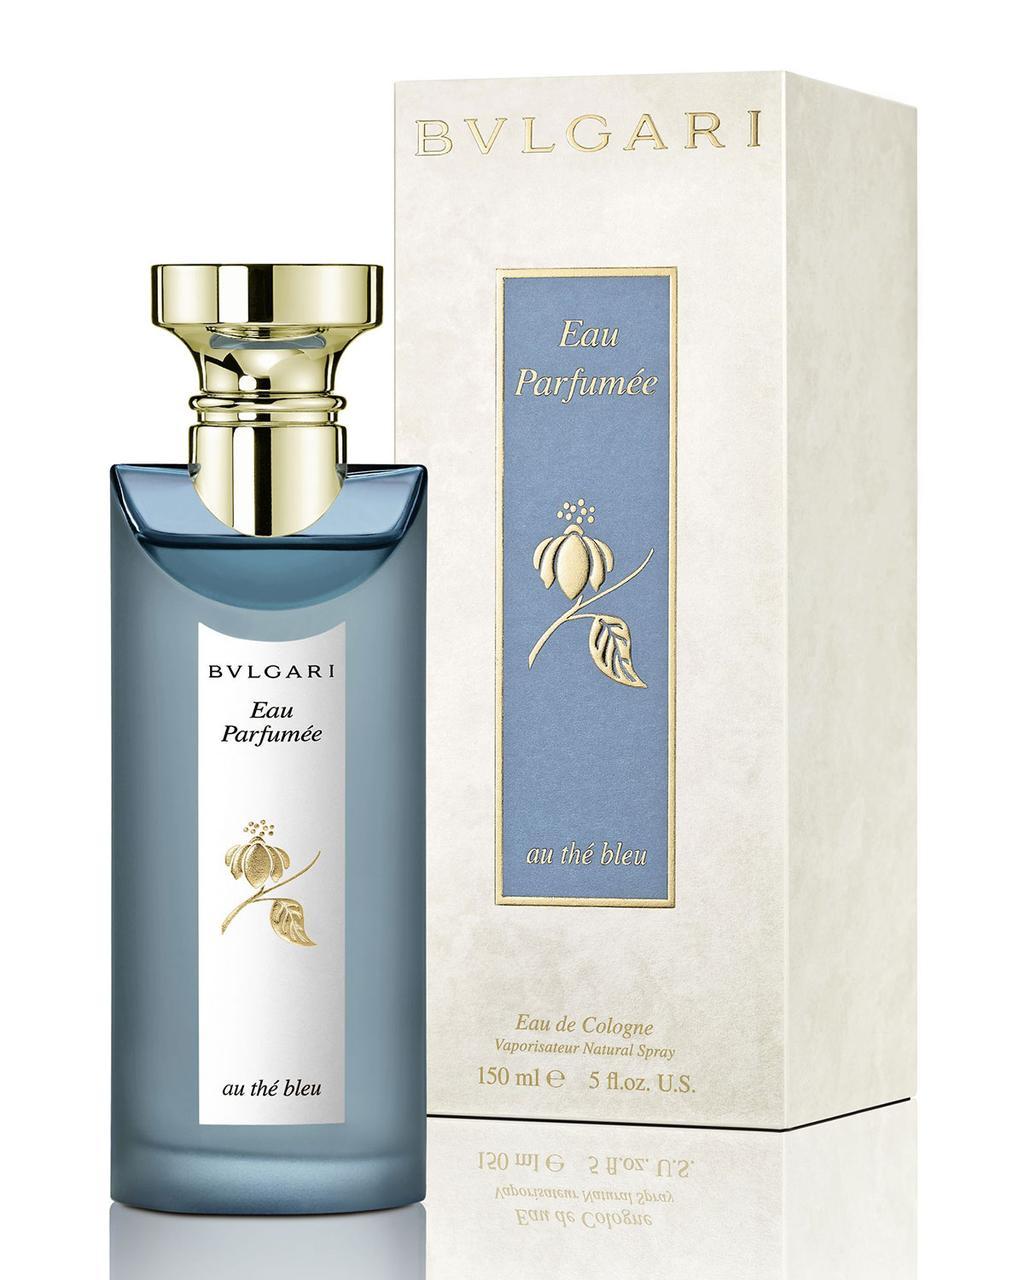 Мужская парфюмированная вода  Eau Parfumee The Bleu Bvlgari cologne, 150 мл